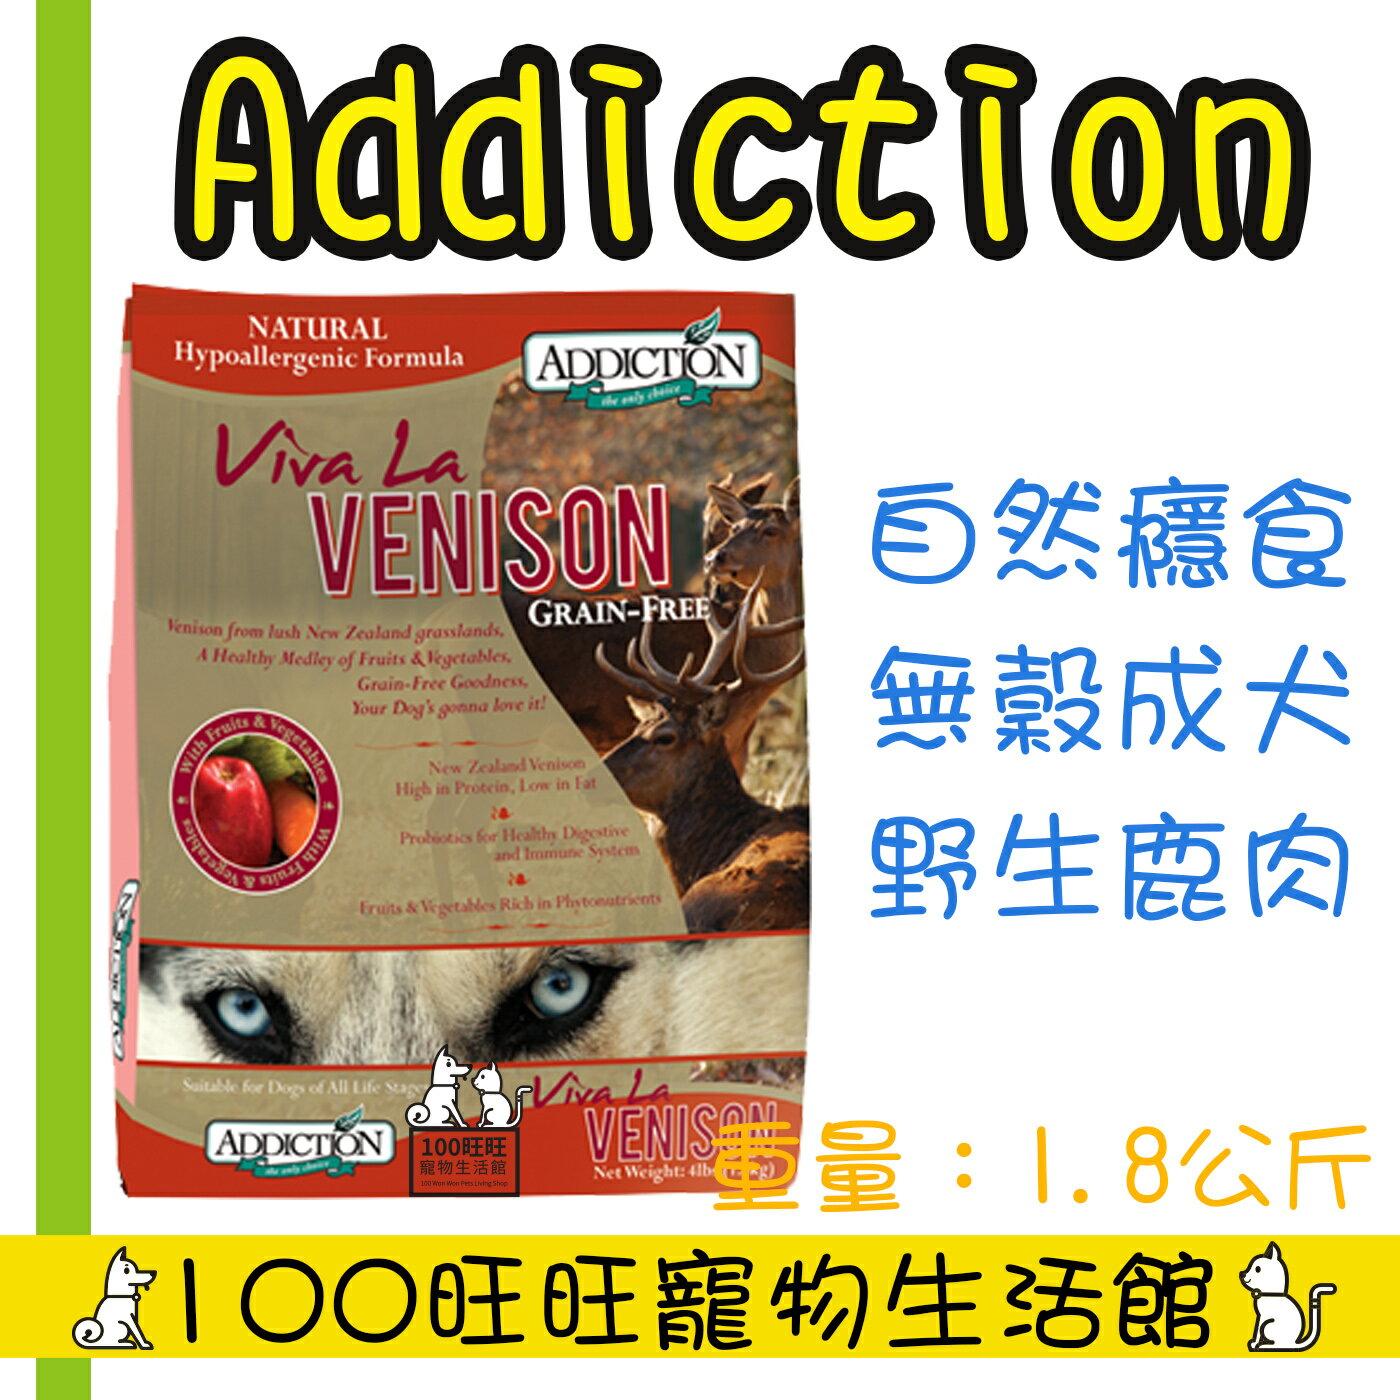 【Addiction自然癮食】ADD自然癮食無穀鹿肉犬食1.8kg